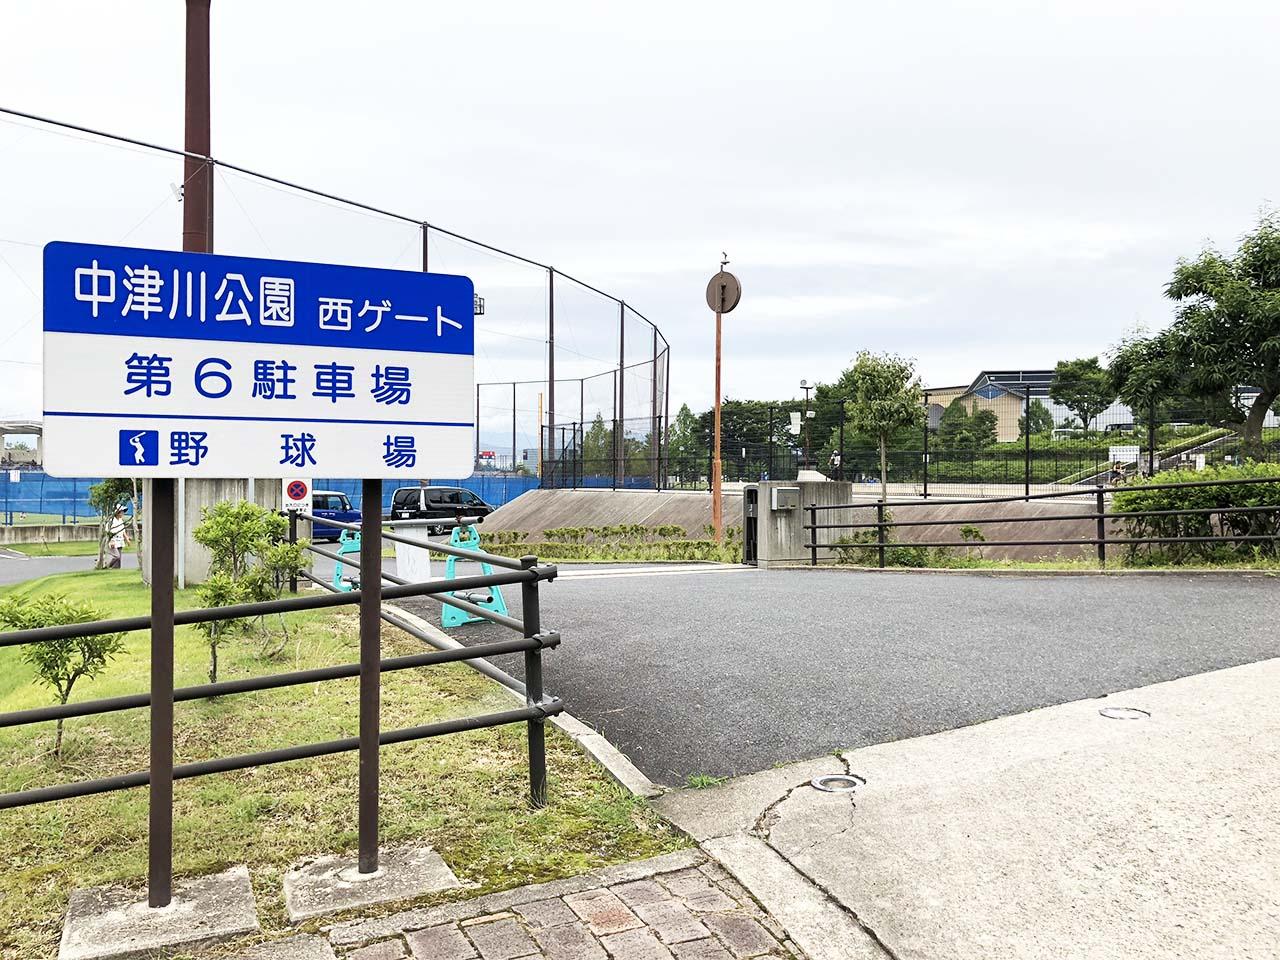 子供と遊ぶ公園中津川市の中津川公園の第6駐車場の入り口